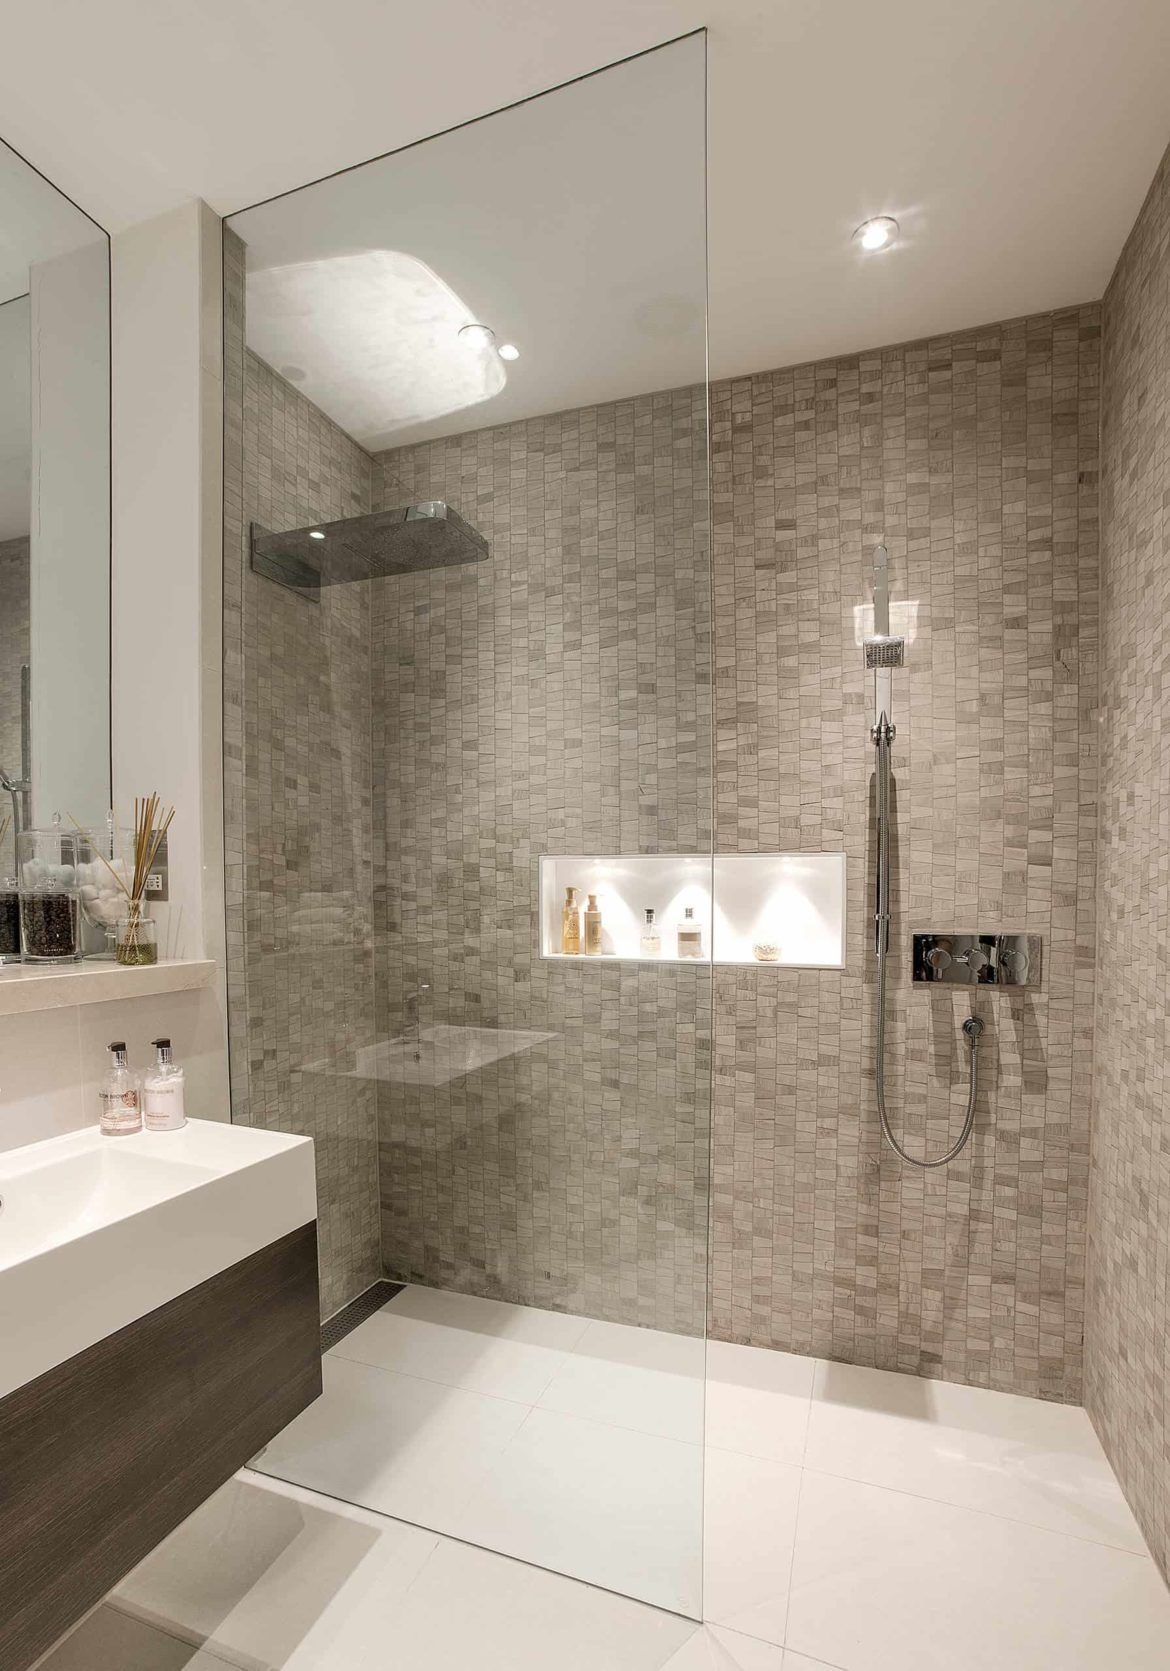 36 Doorless Walk In Shower Ideas And Designs 2020 Edition